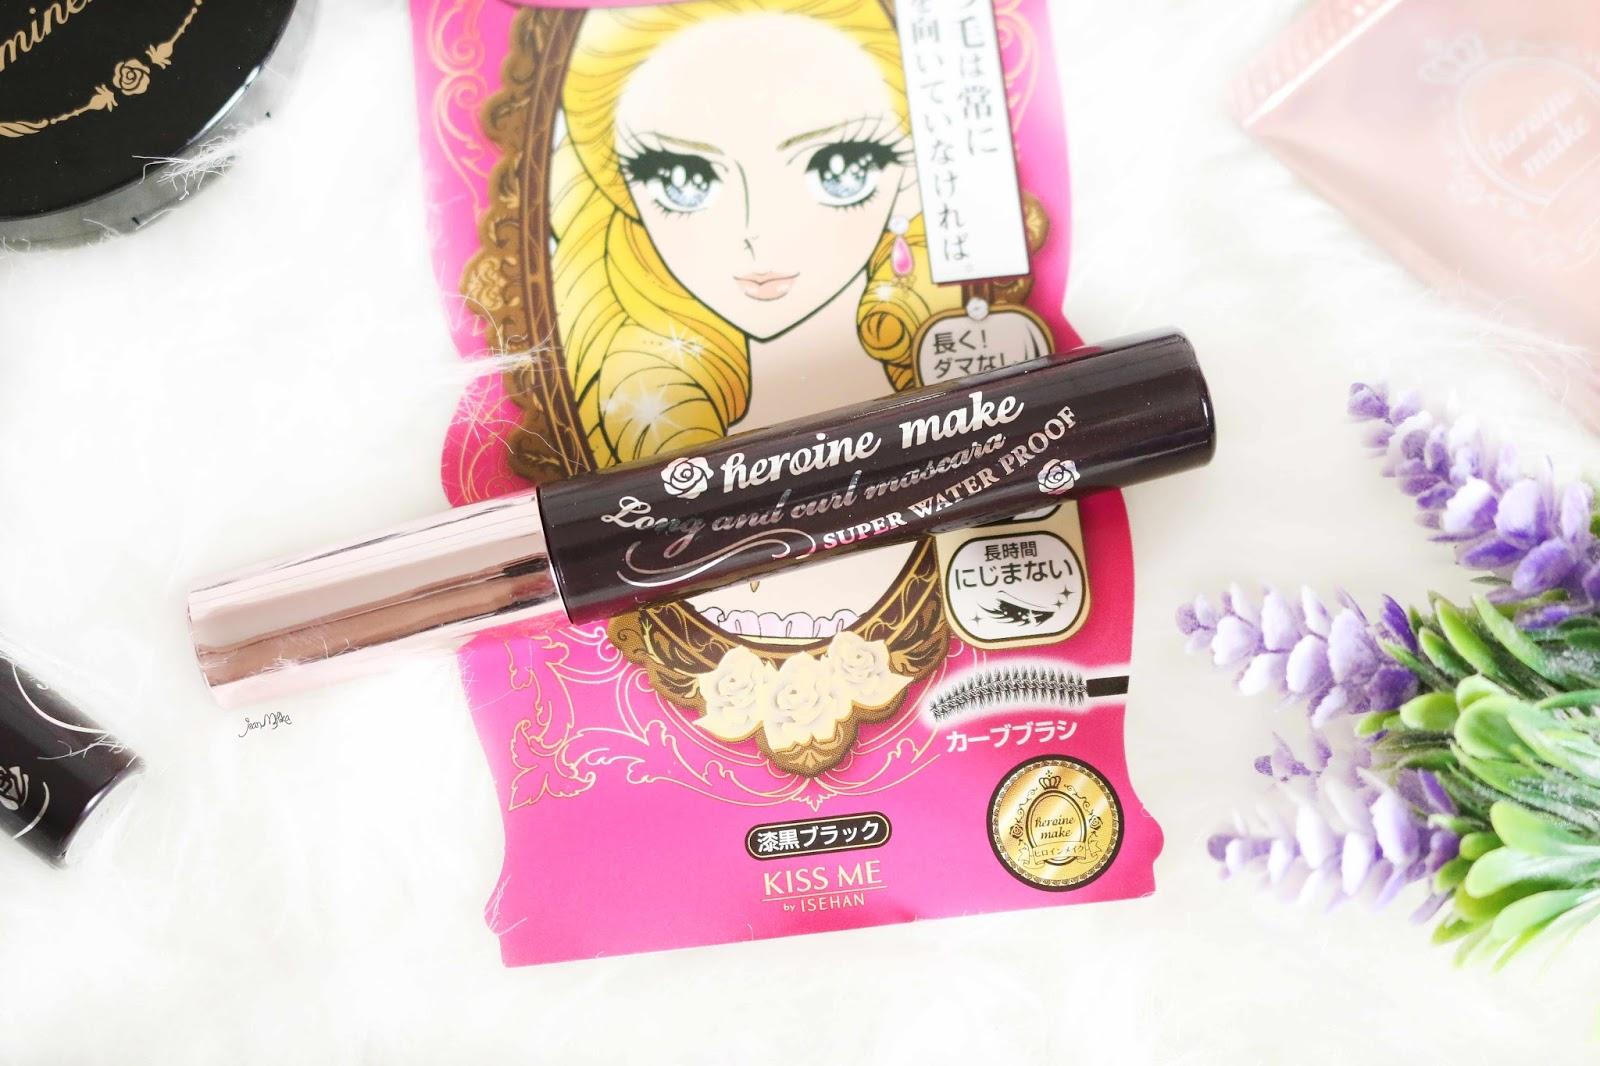 makeup, drugstore, makeup murah, review, beauty, beauty blog indonesia, makeup pemula, makeup untuk pemula, makeup murah indo, mascara, heroine make